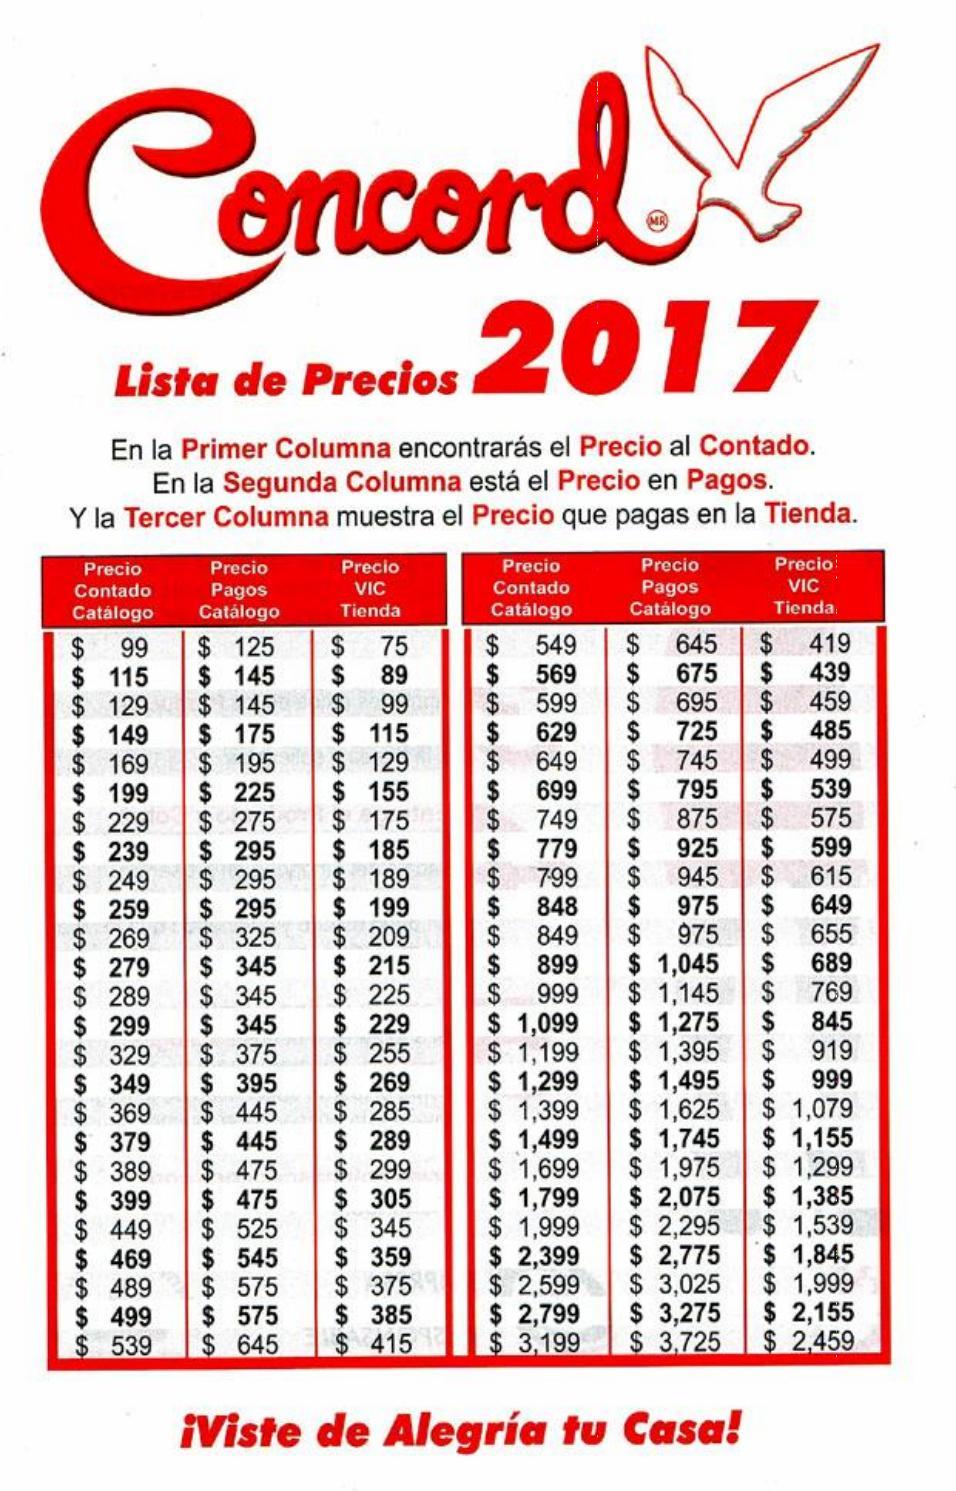 Catalogo Concord Convertidor 2016 2017 By Catalogos Por